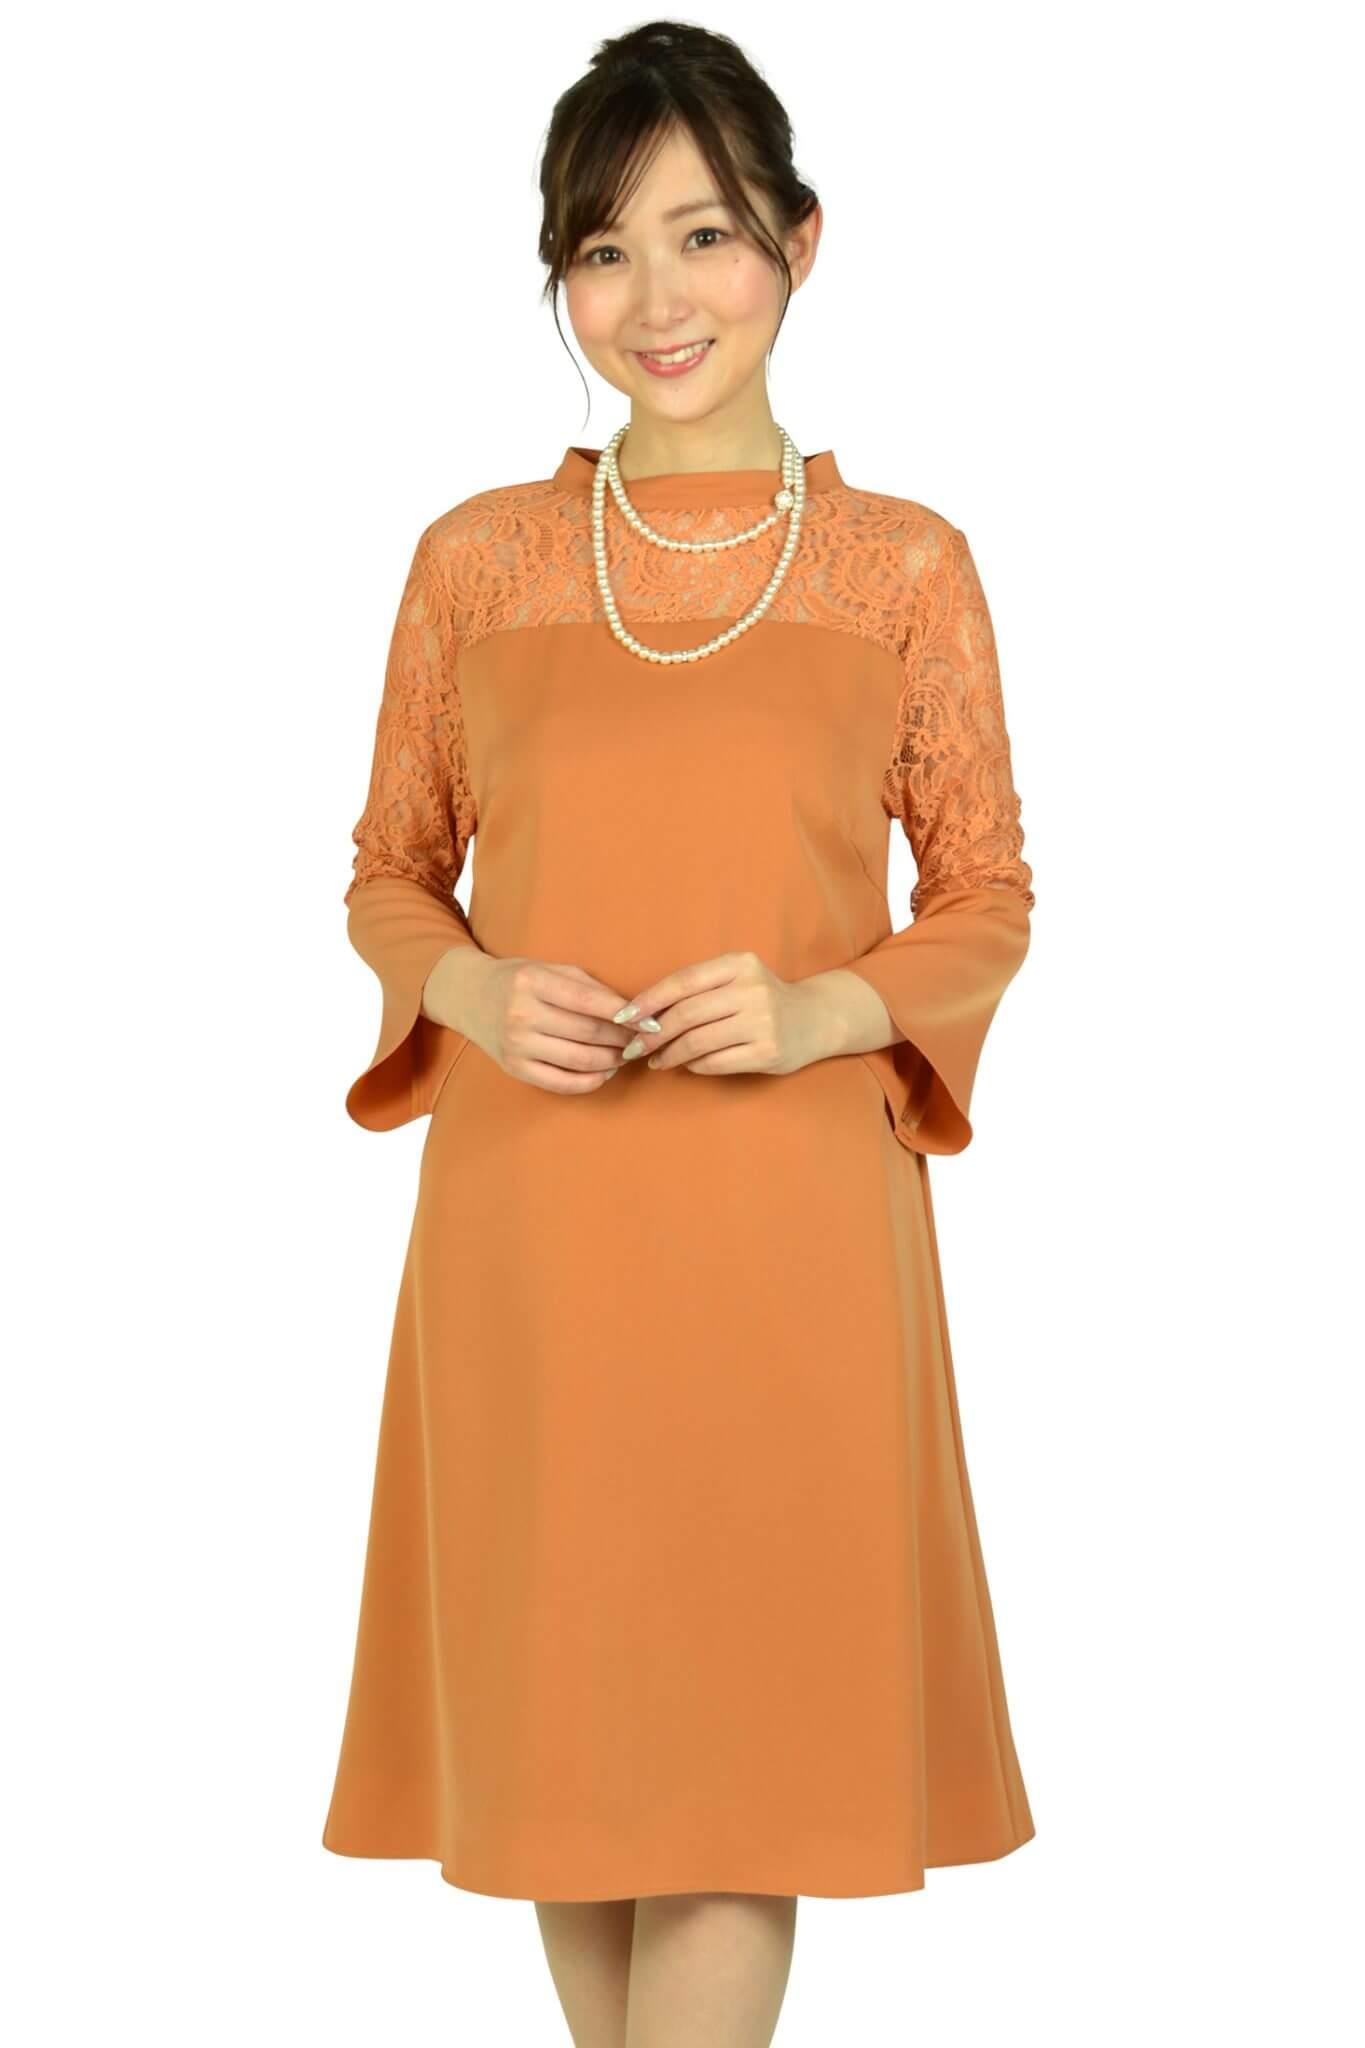 ドーリードール (Dorry Doll)ベル袖テラコッタオレンジドレス